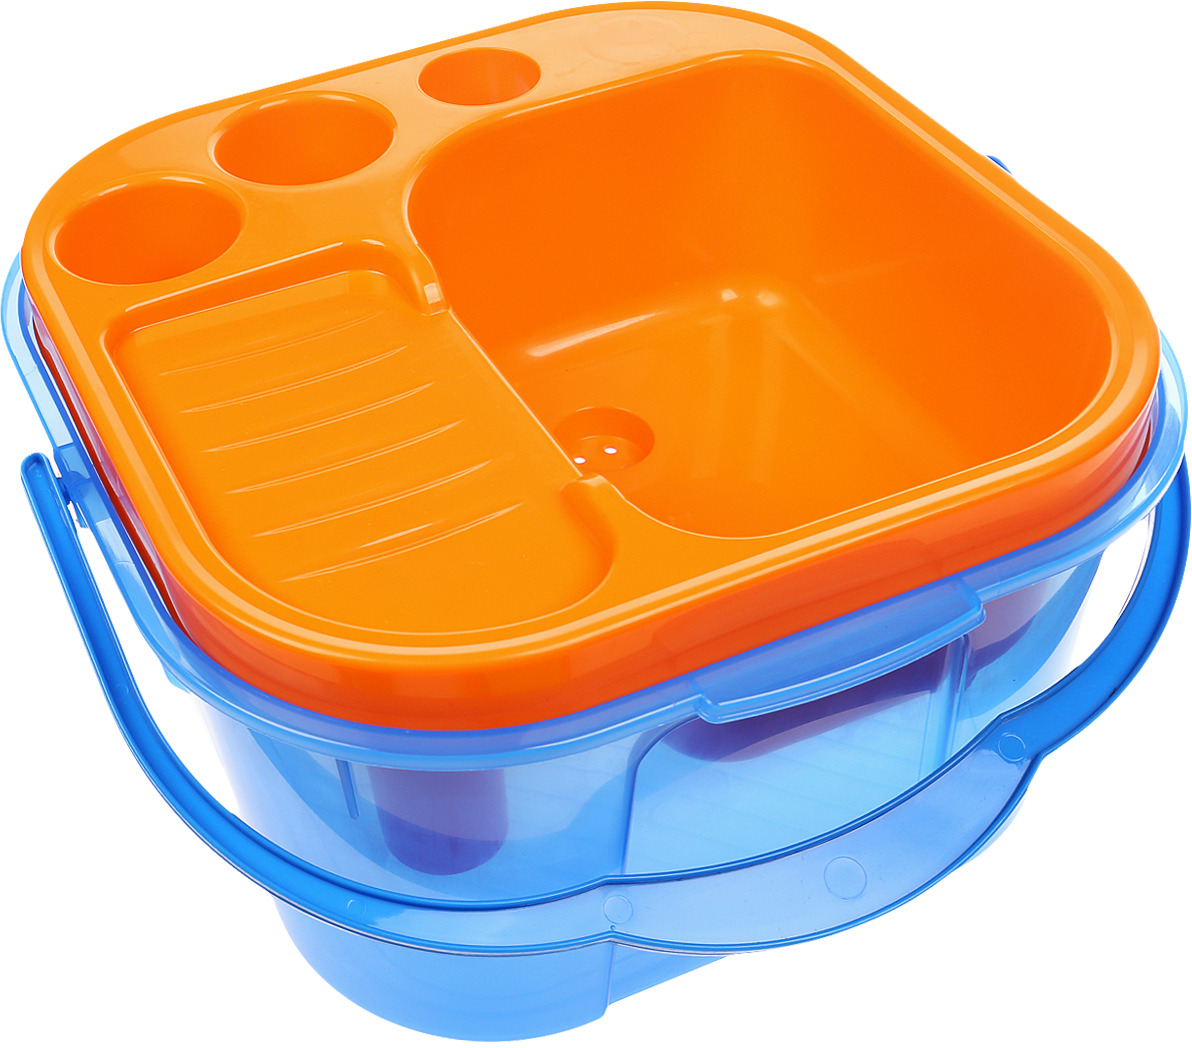 Полесье Игровой набор Мини-посудомойка цвет синий оранжевый полесье игровой набор чистюля мини 42910